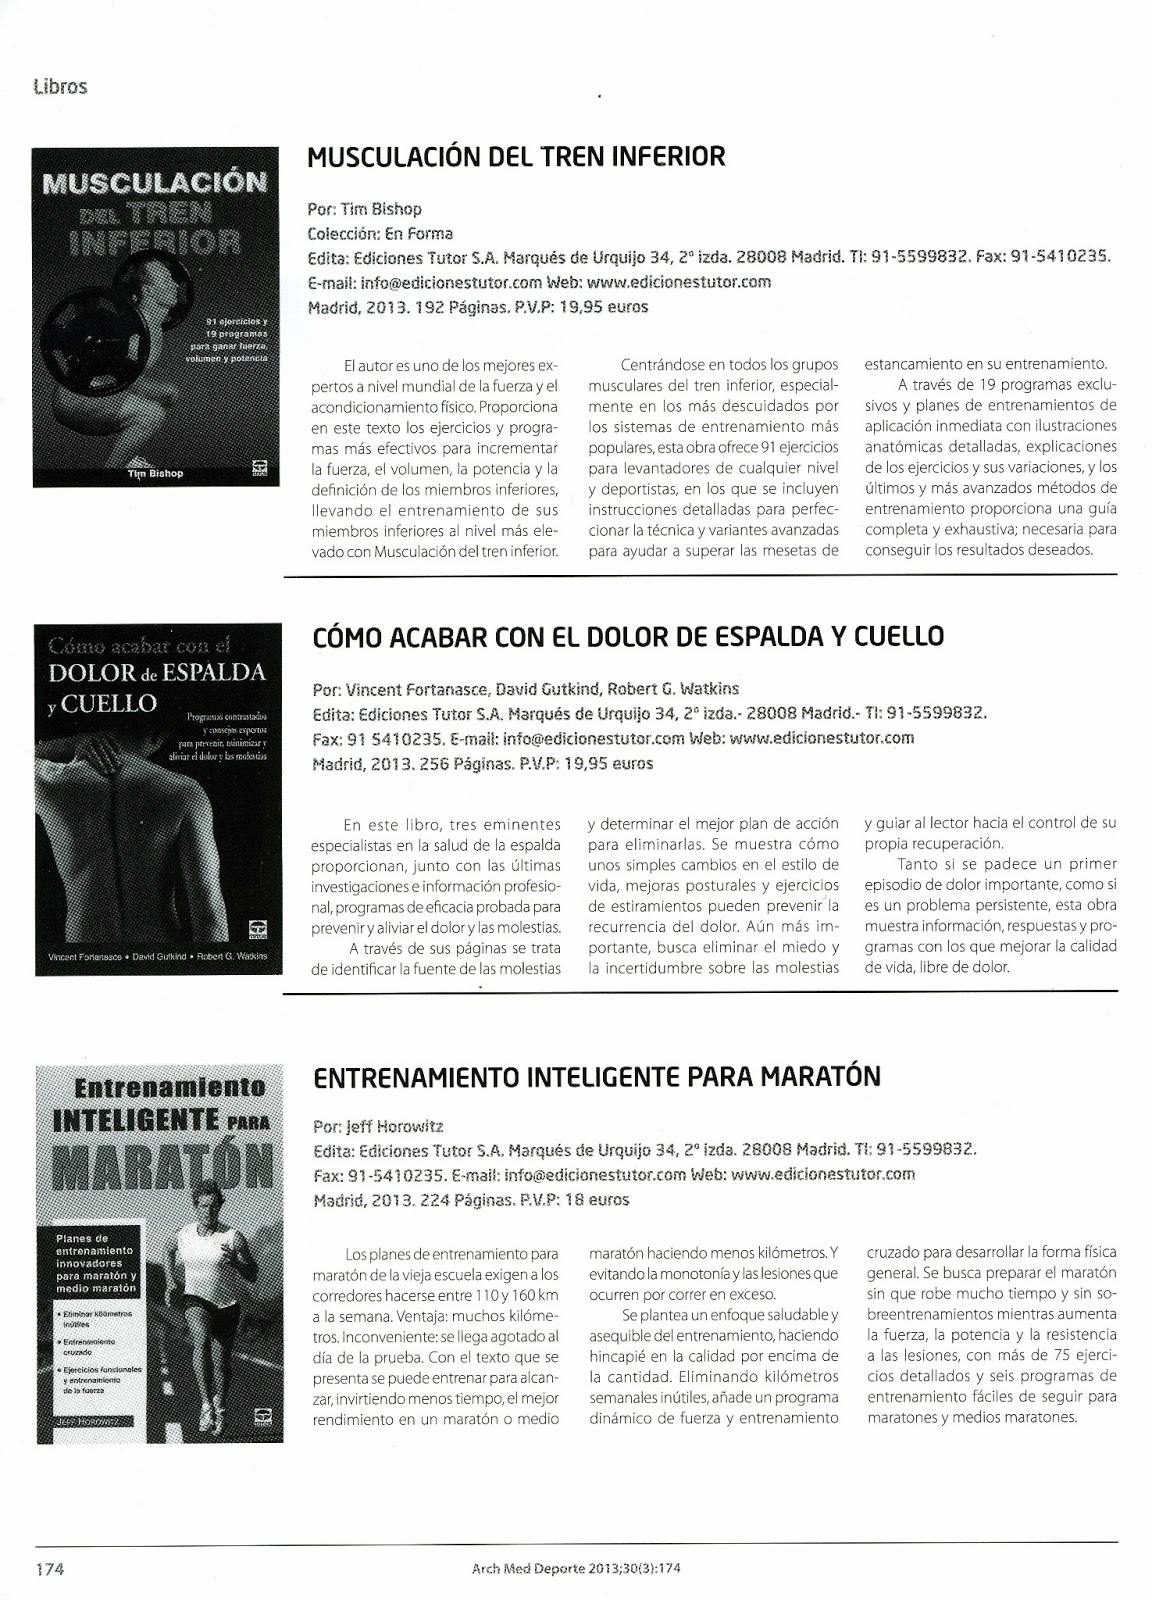 Reseña de los libros Manual práctico para una cadera sana y Manual práctico  para un hombro sano en el la Revista Cuerpomente Julio 2013 ...